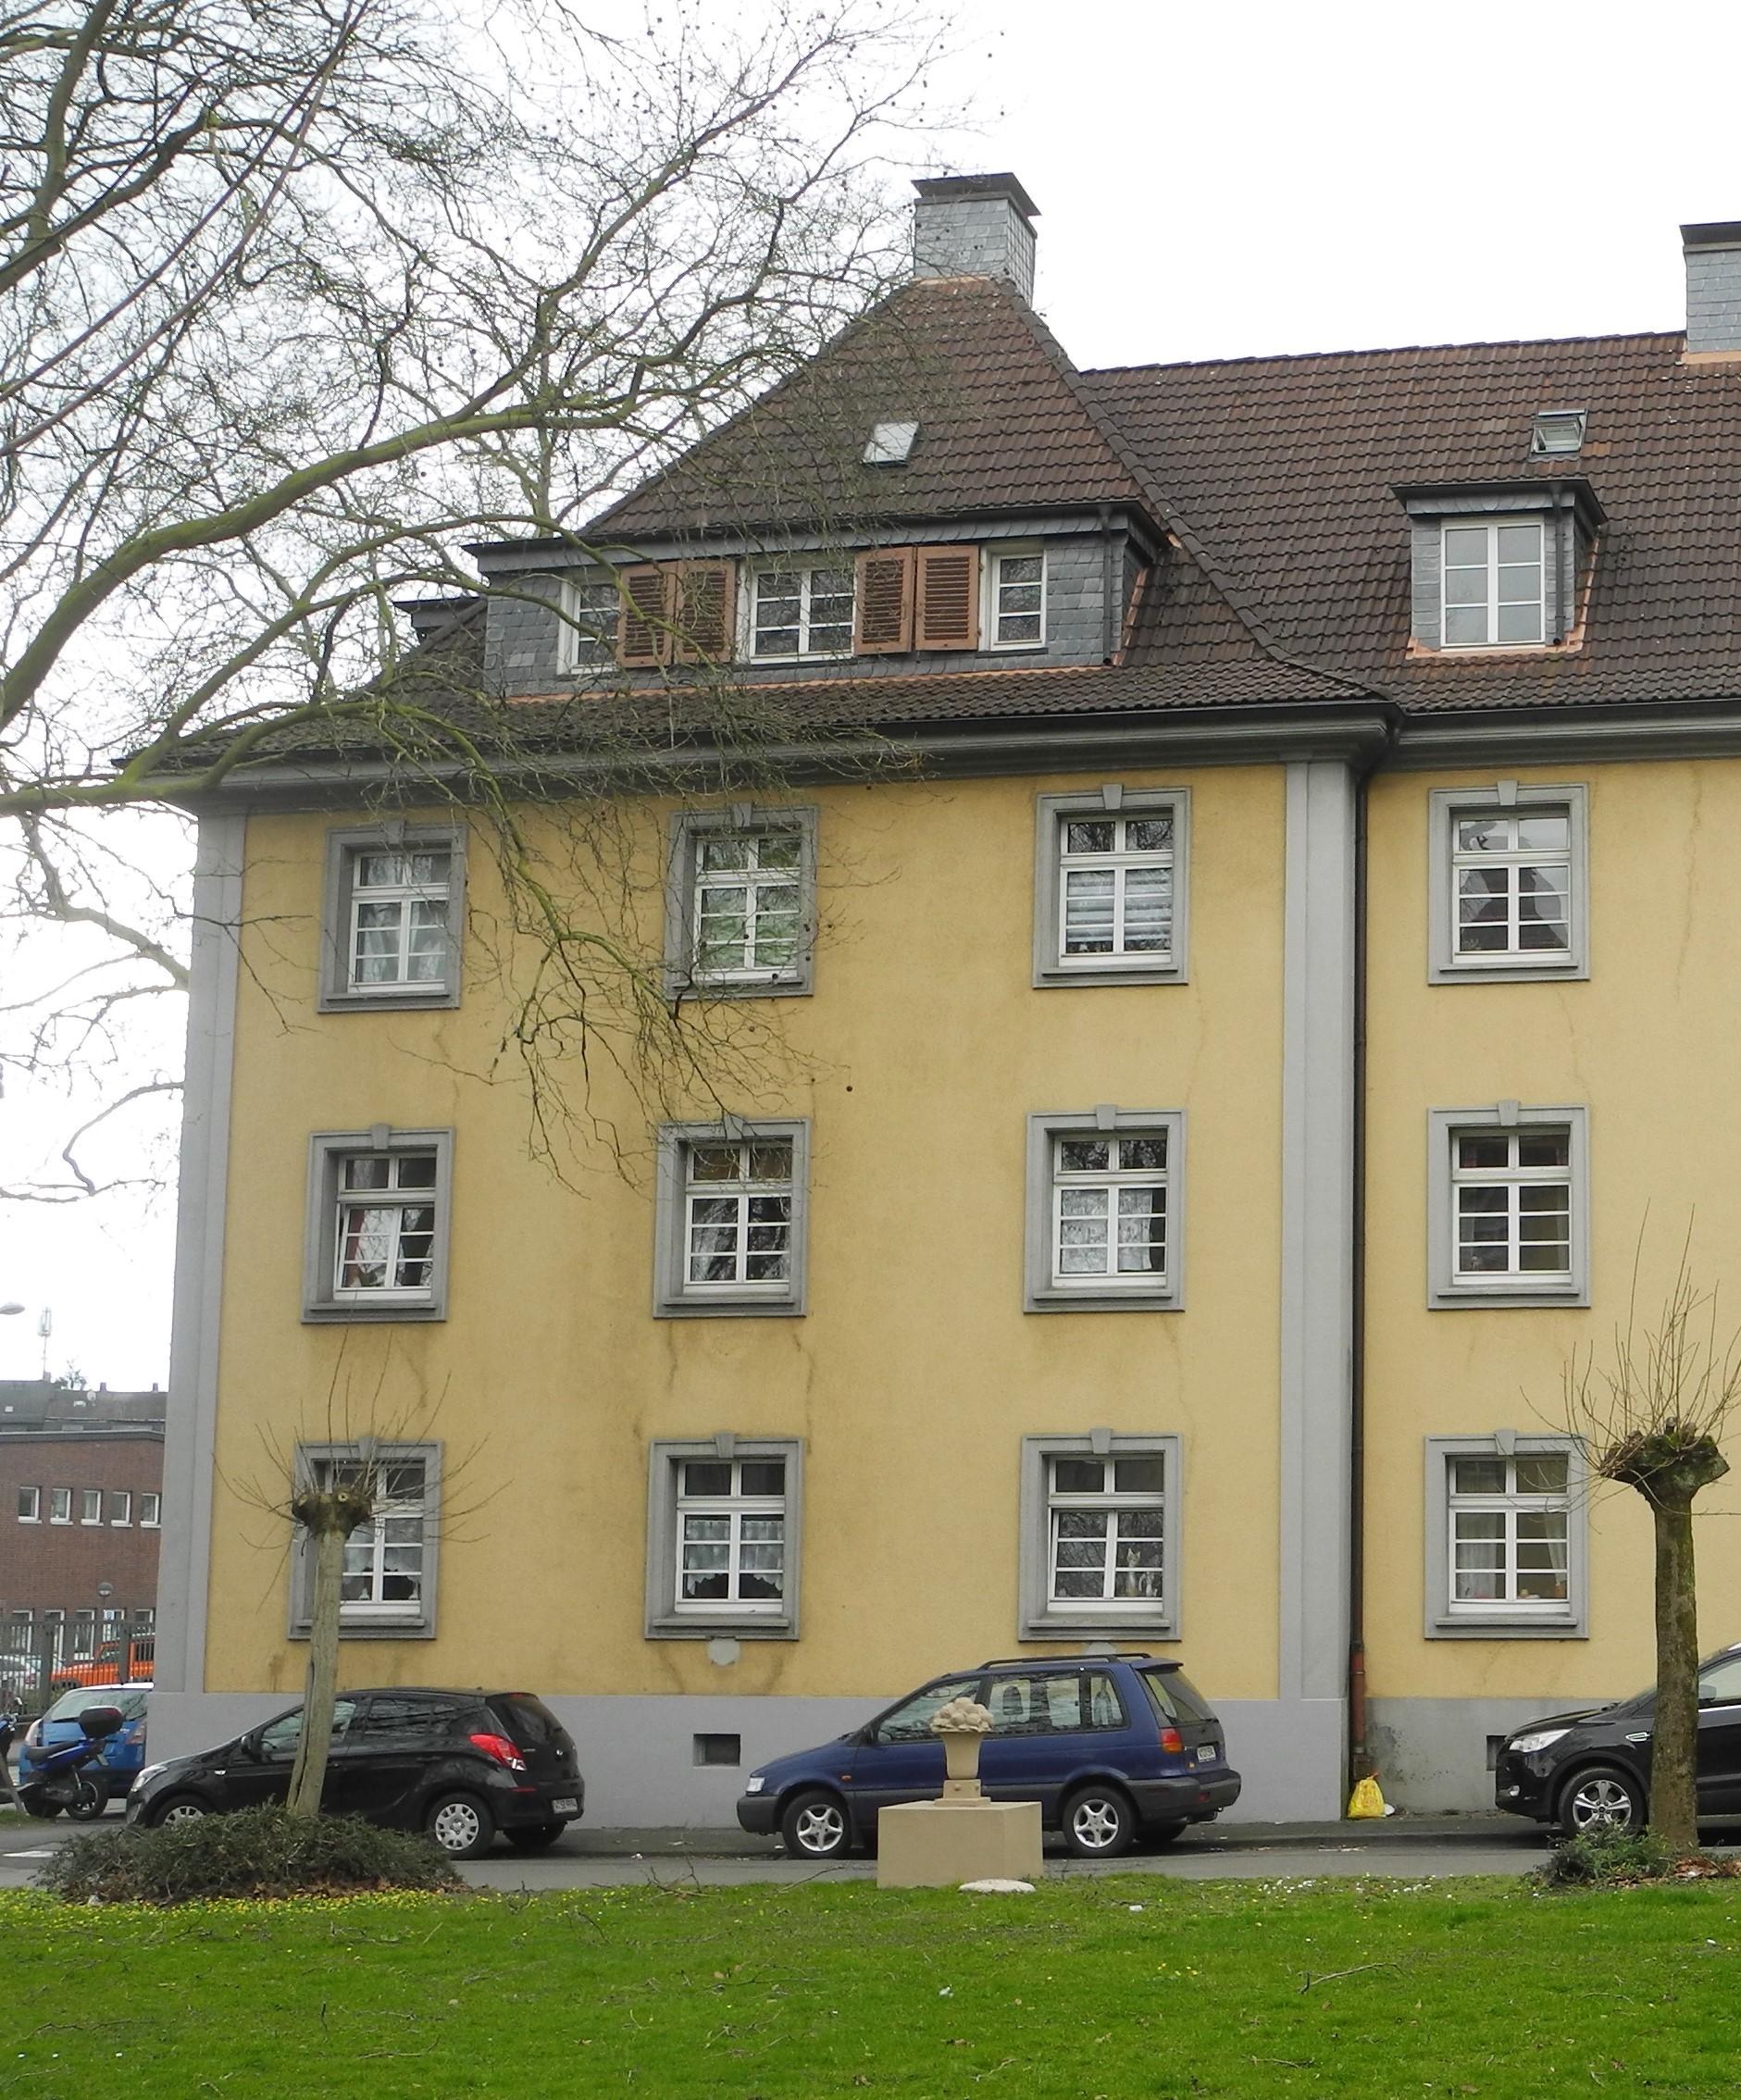 File:Wuppertal, Schützenstr. 35, Fassade Friedrich-Senger